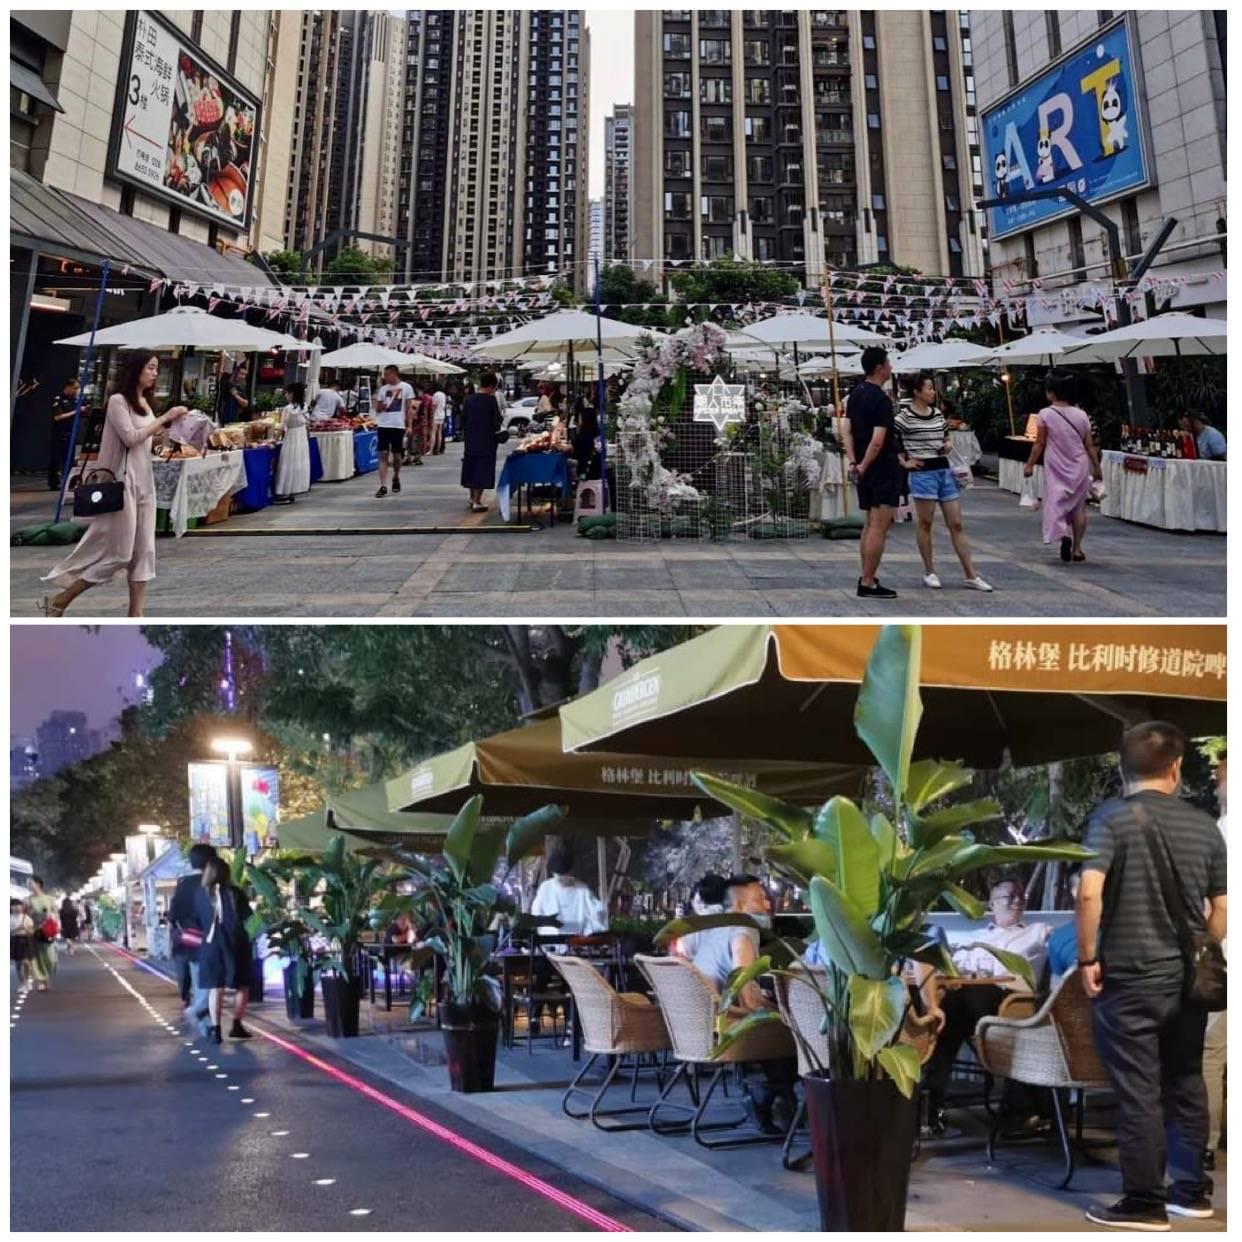 O apoio aos pequenos negócios, pequenos restaurantes é visto pelo aumento das feirinhas em calçadas de shopping, fechamento de ruas e o aumento de eventos temáticos pela cidade.